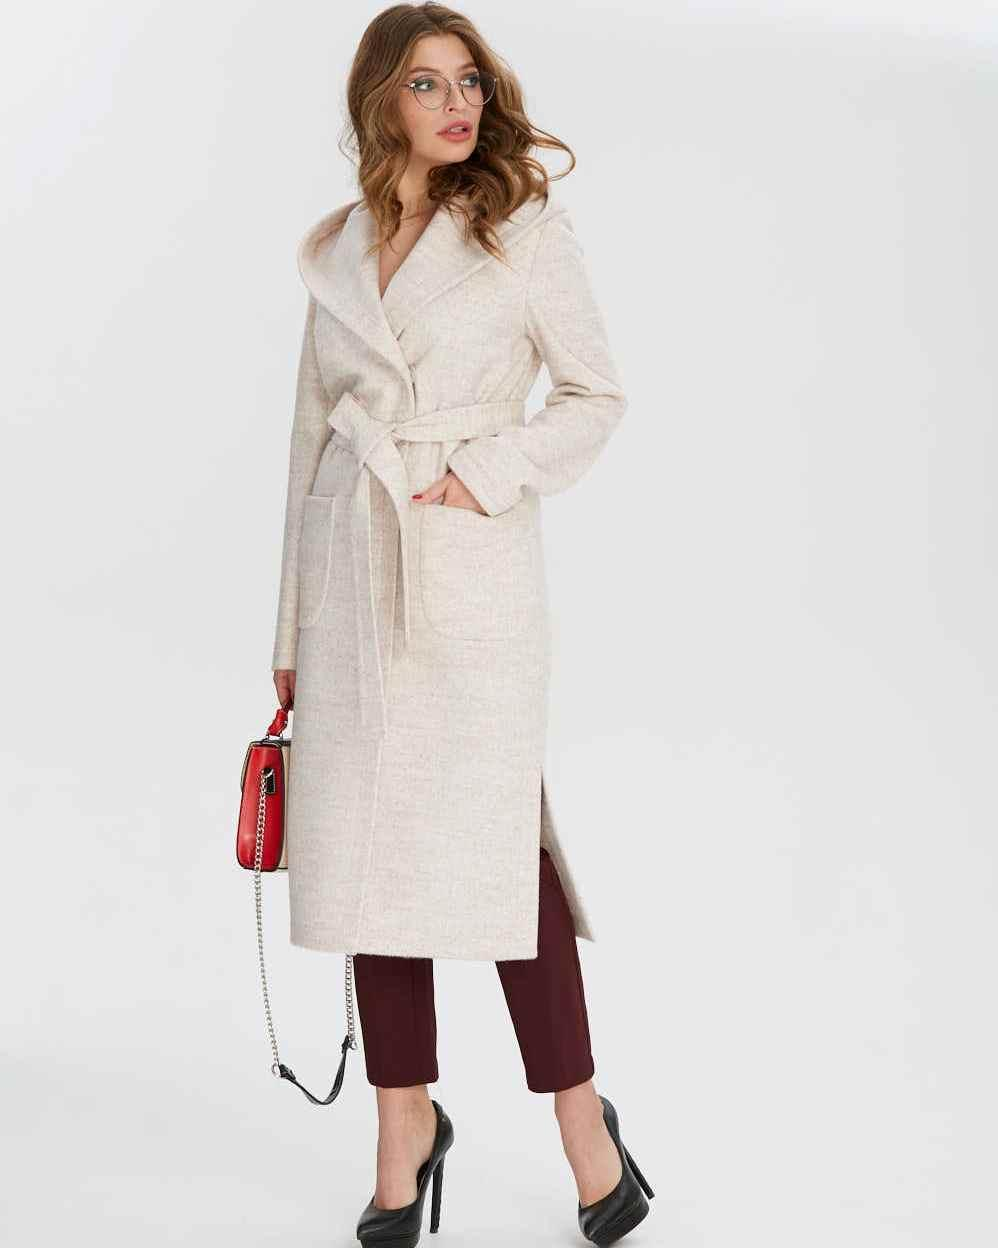 2dde139df02 Легкое пальто без подкладки с капюшоном